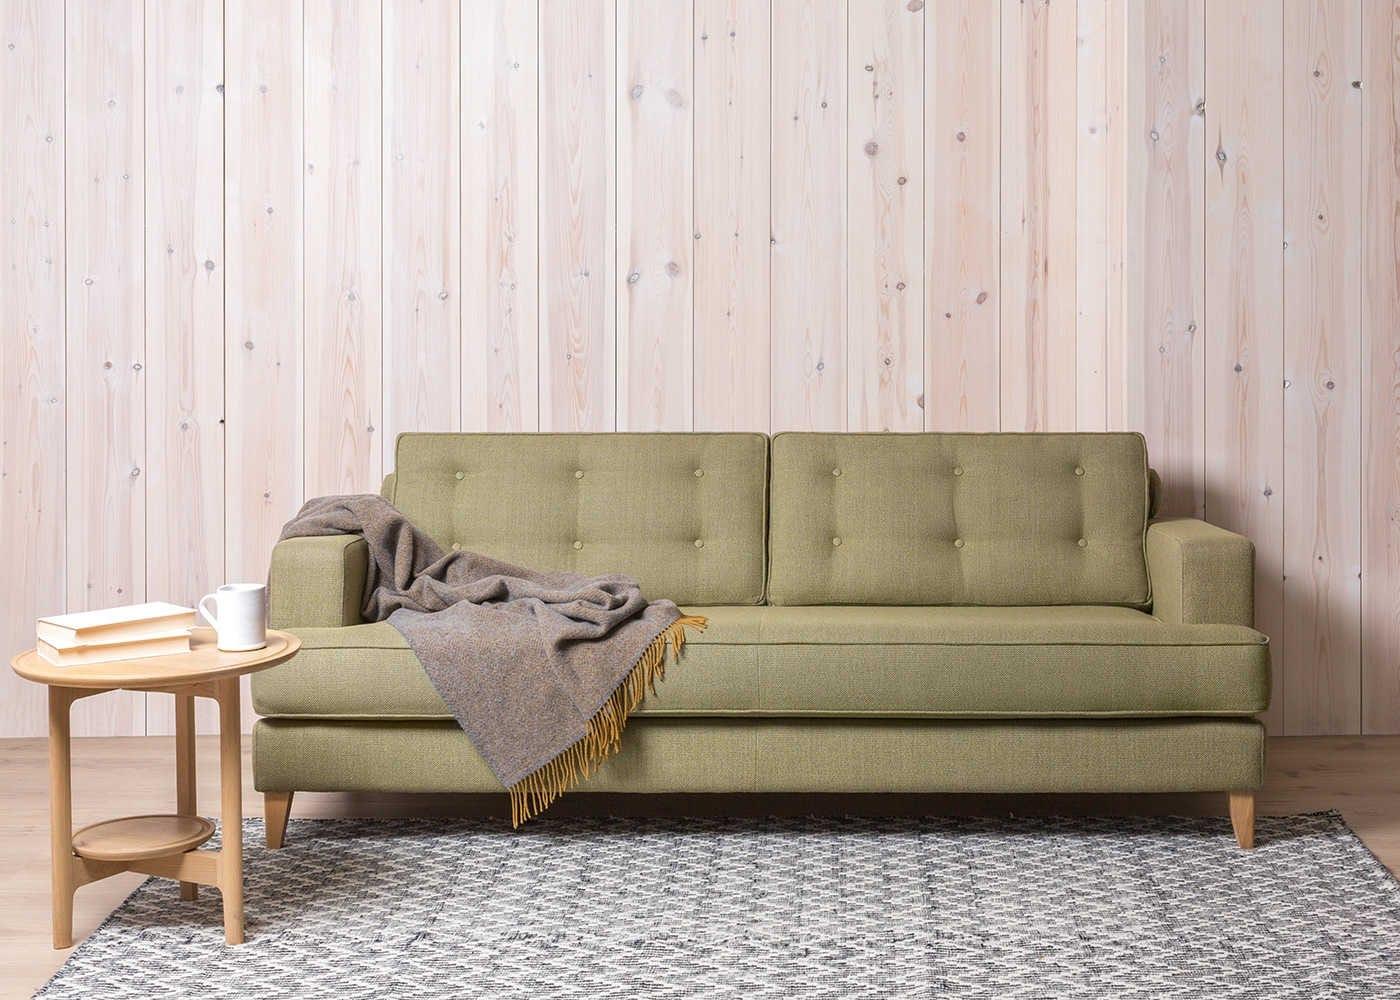 Mstral sofa,Shimla rug